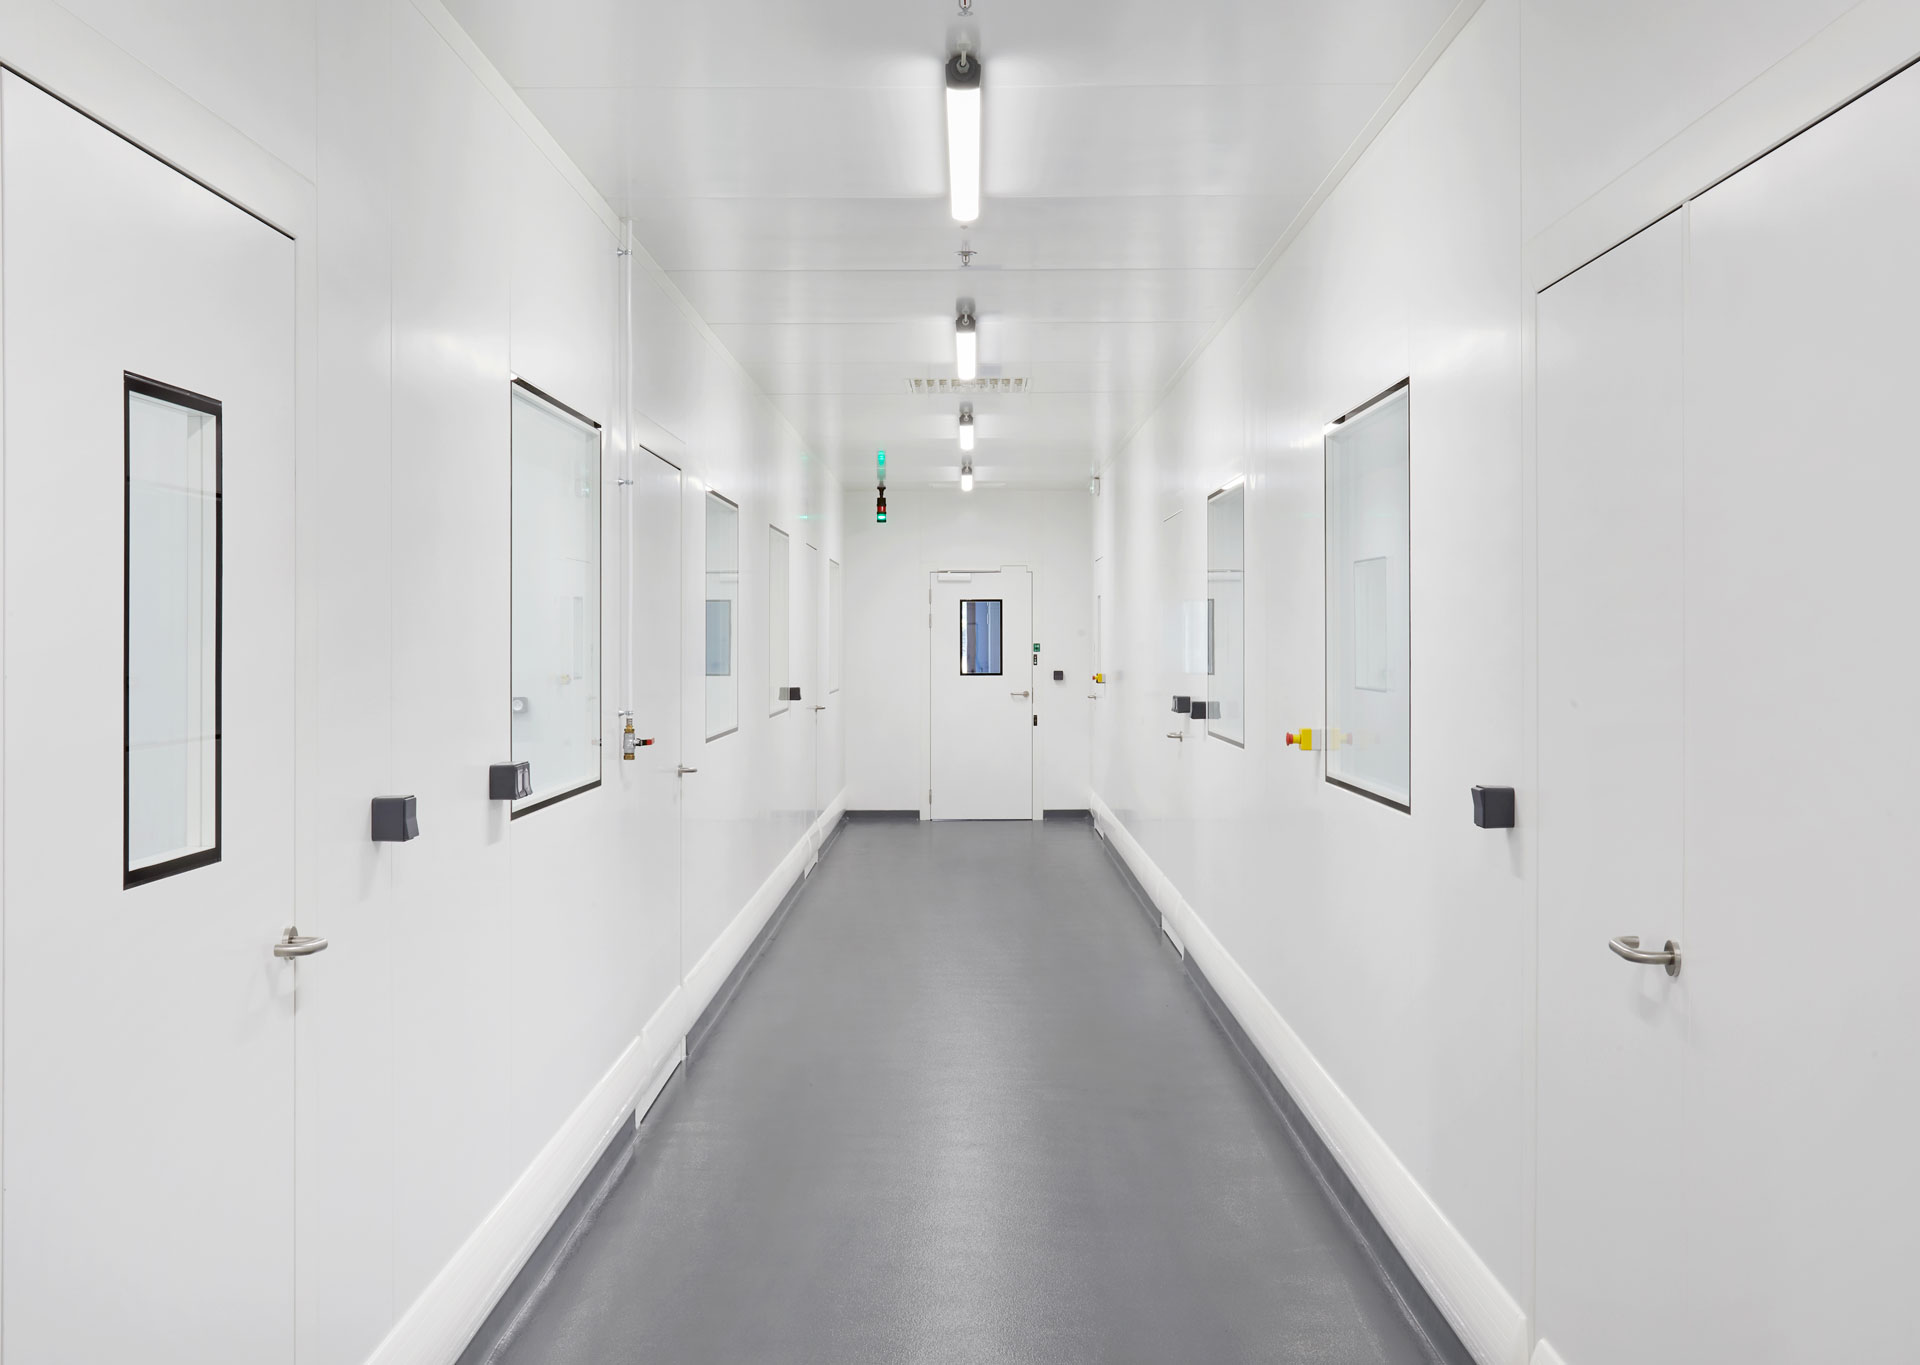 Couloir d'une salle grise dans l'agroalimentaire